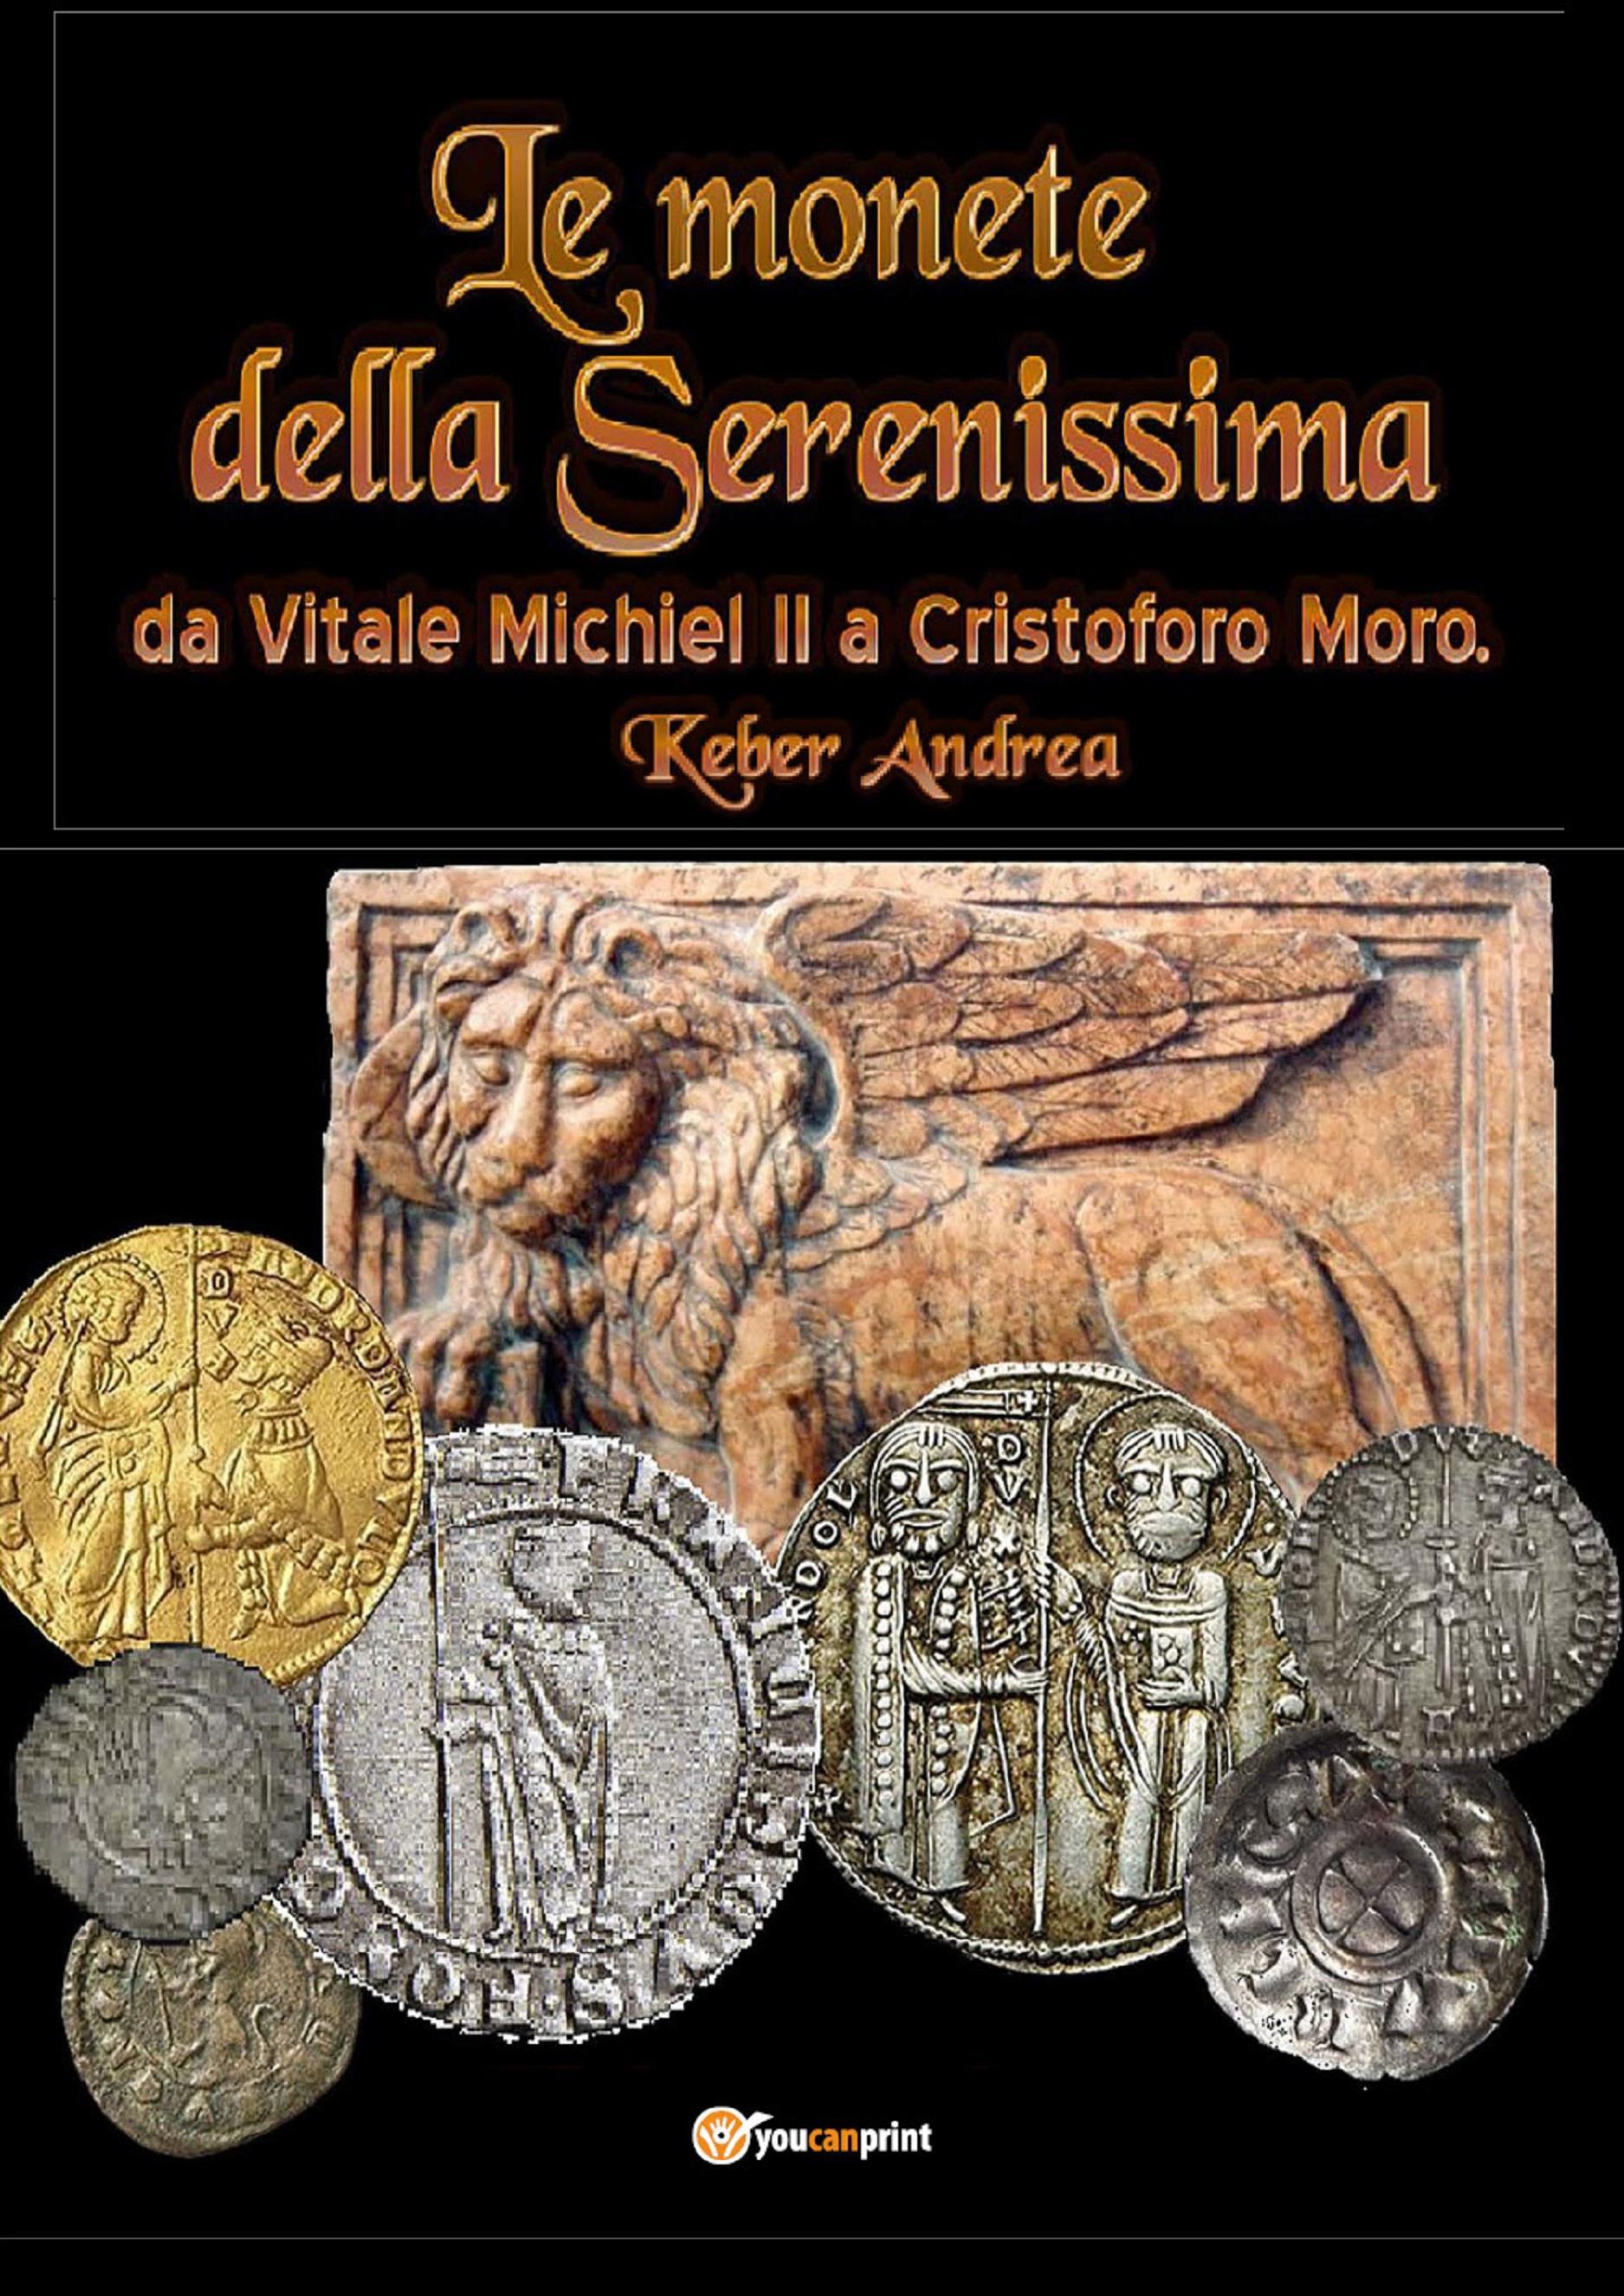 Le monete della Serenissima da Vitale Michiel II a Cristoforo Moro